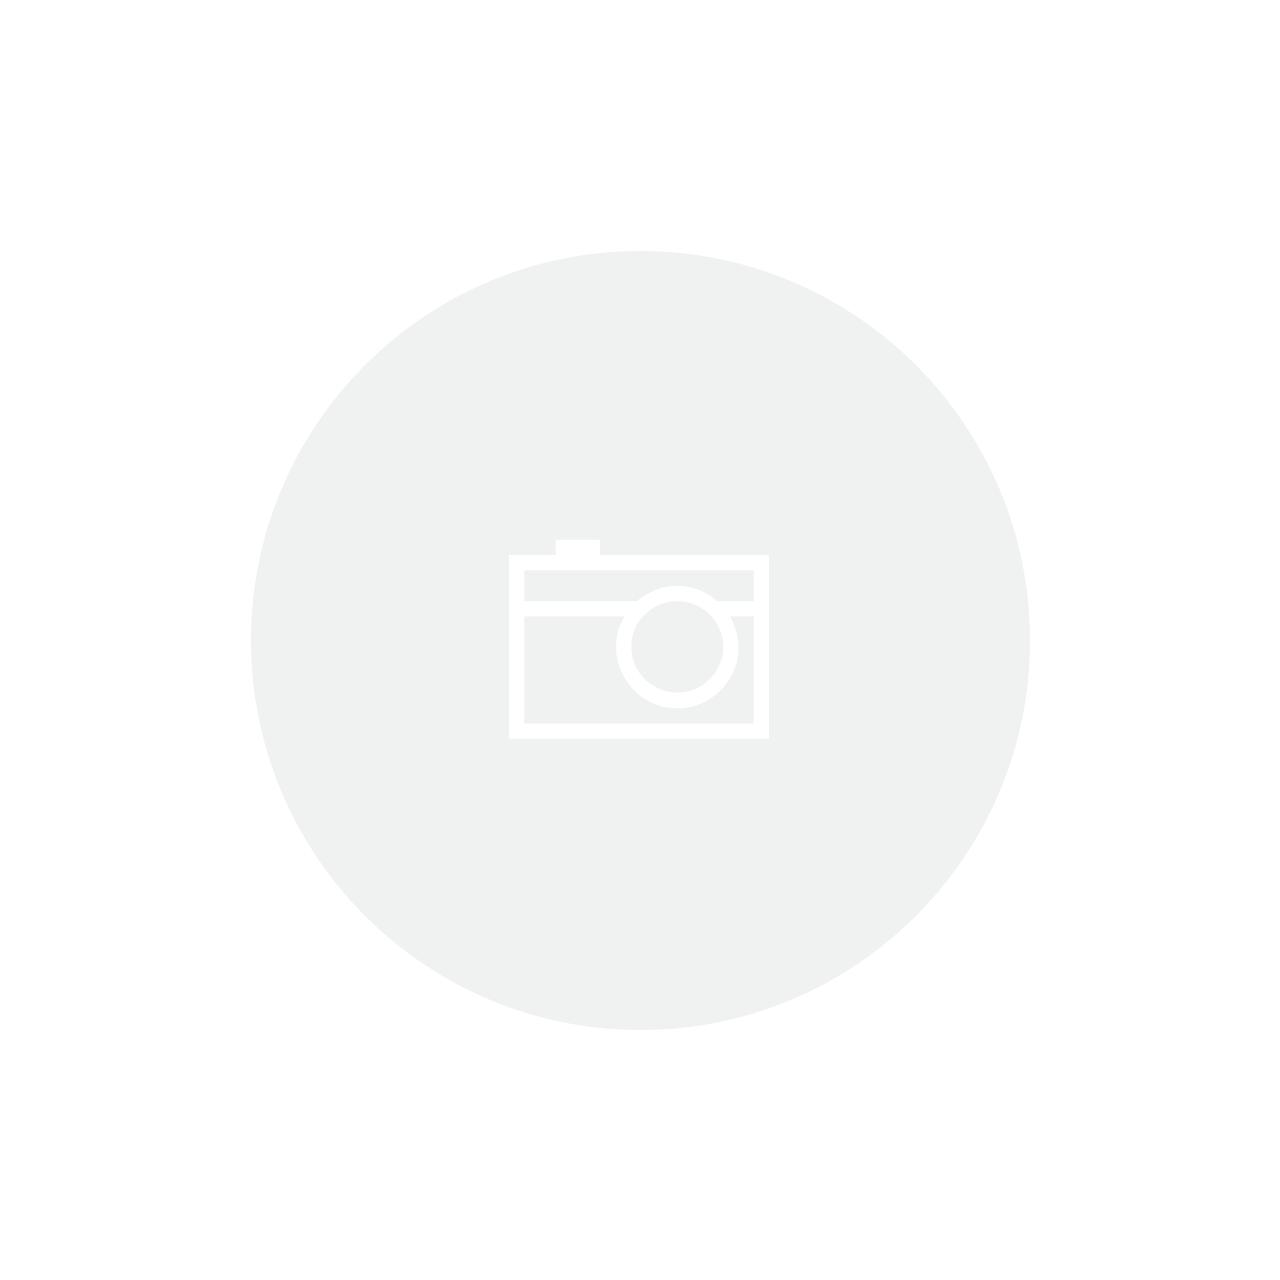 Casaqueto Tricô Estilo Chanel | Ci224